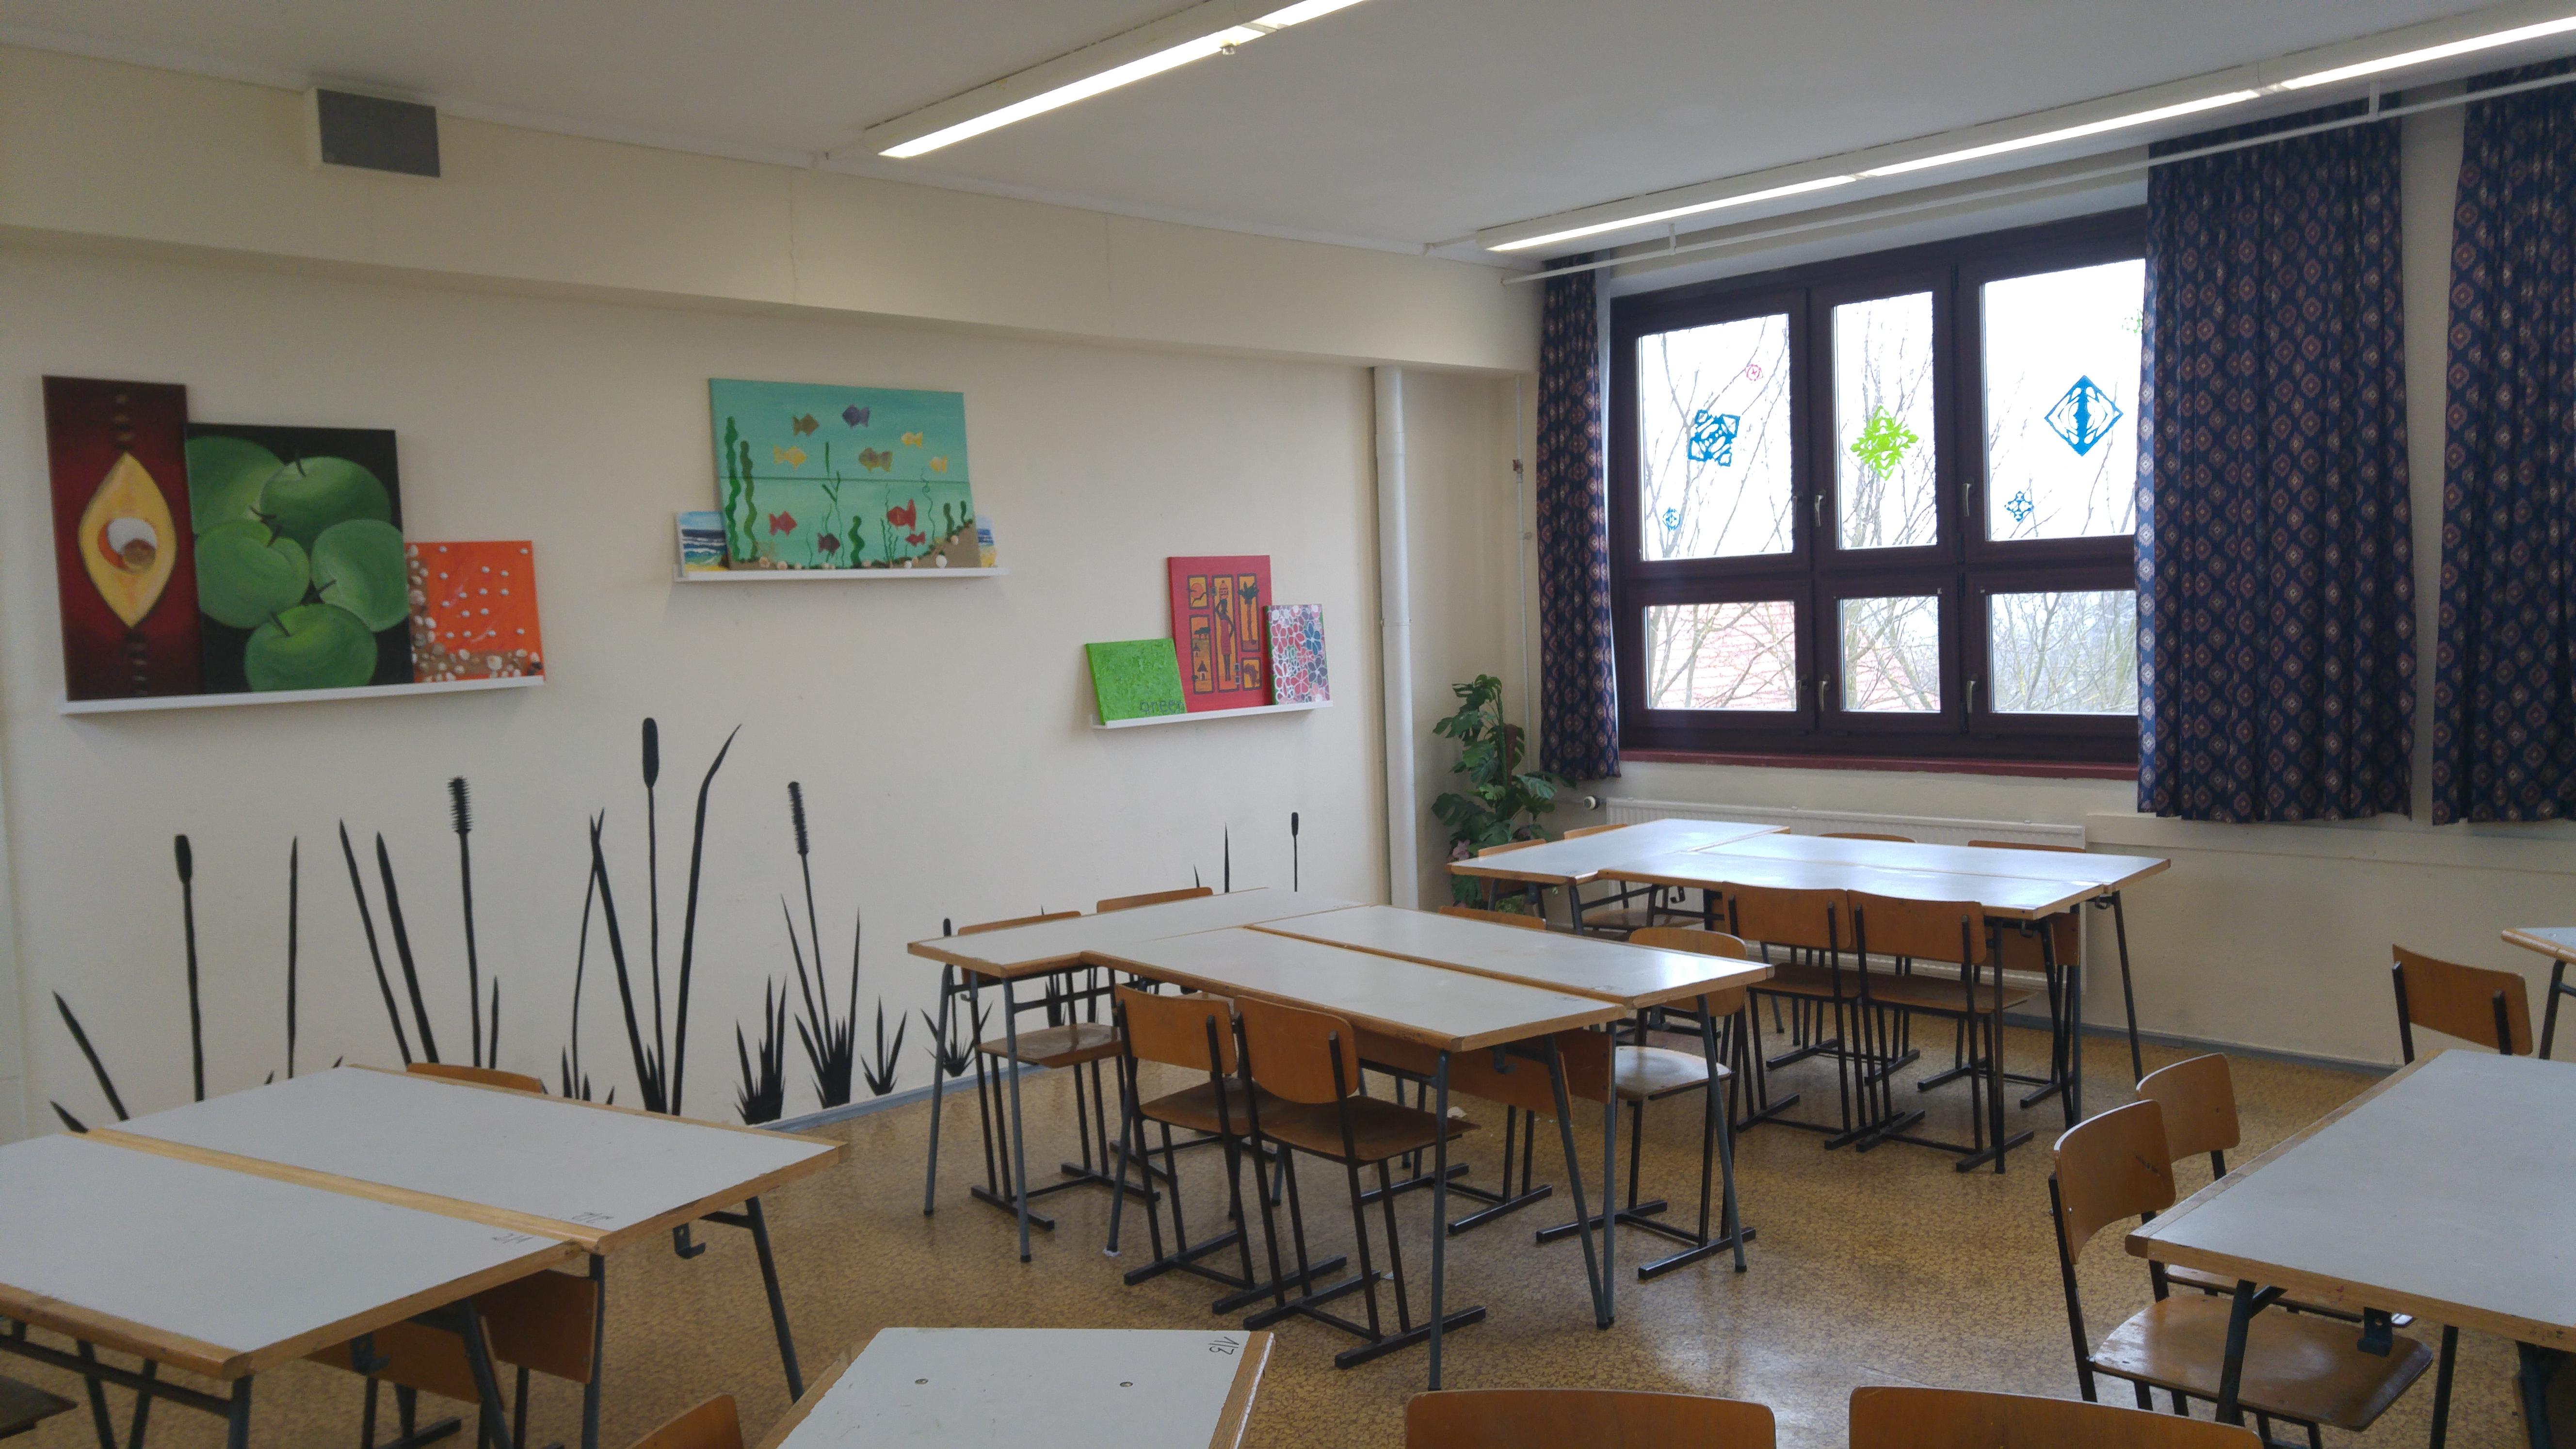 Kunstraum mit kreativer Wandgestaltung